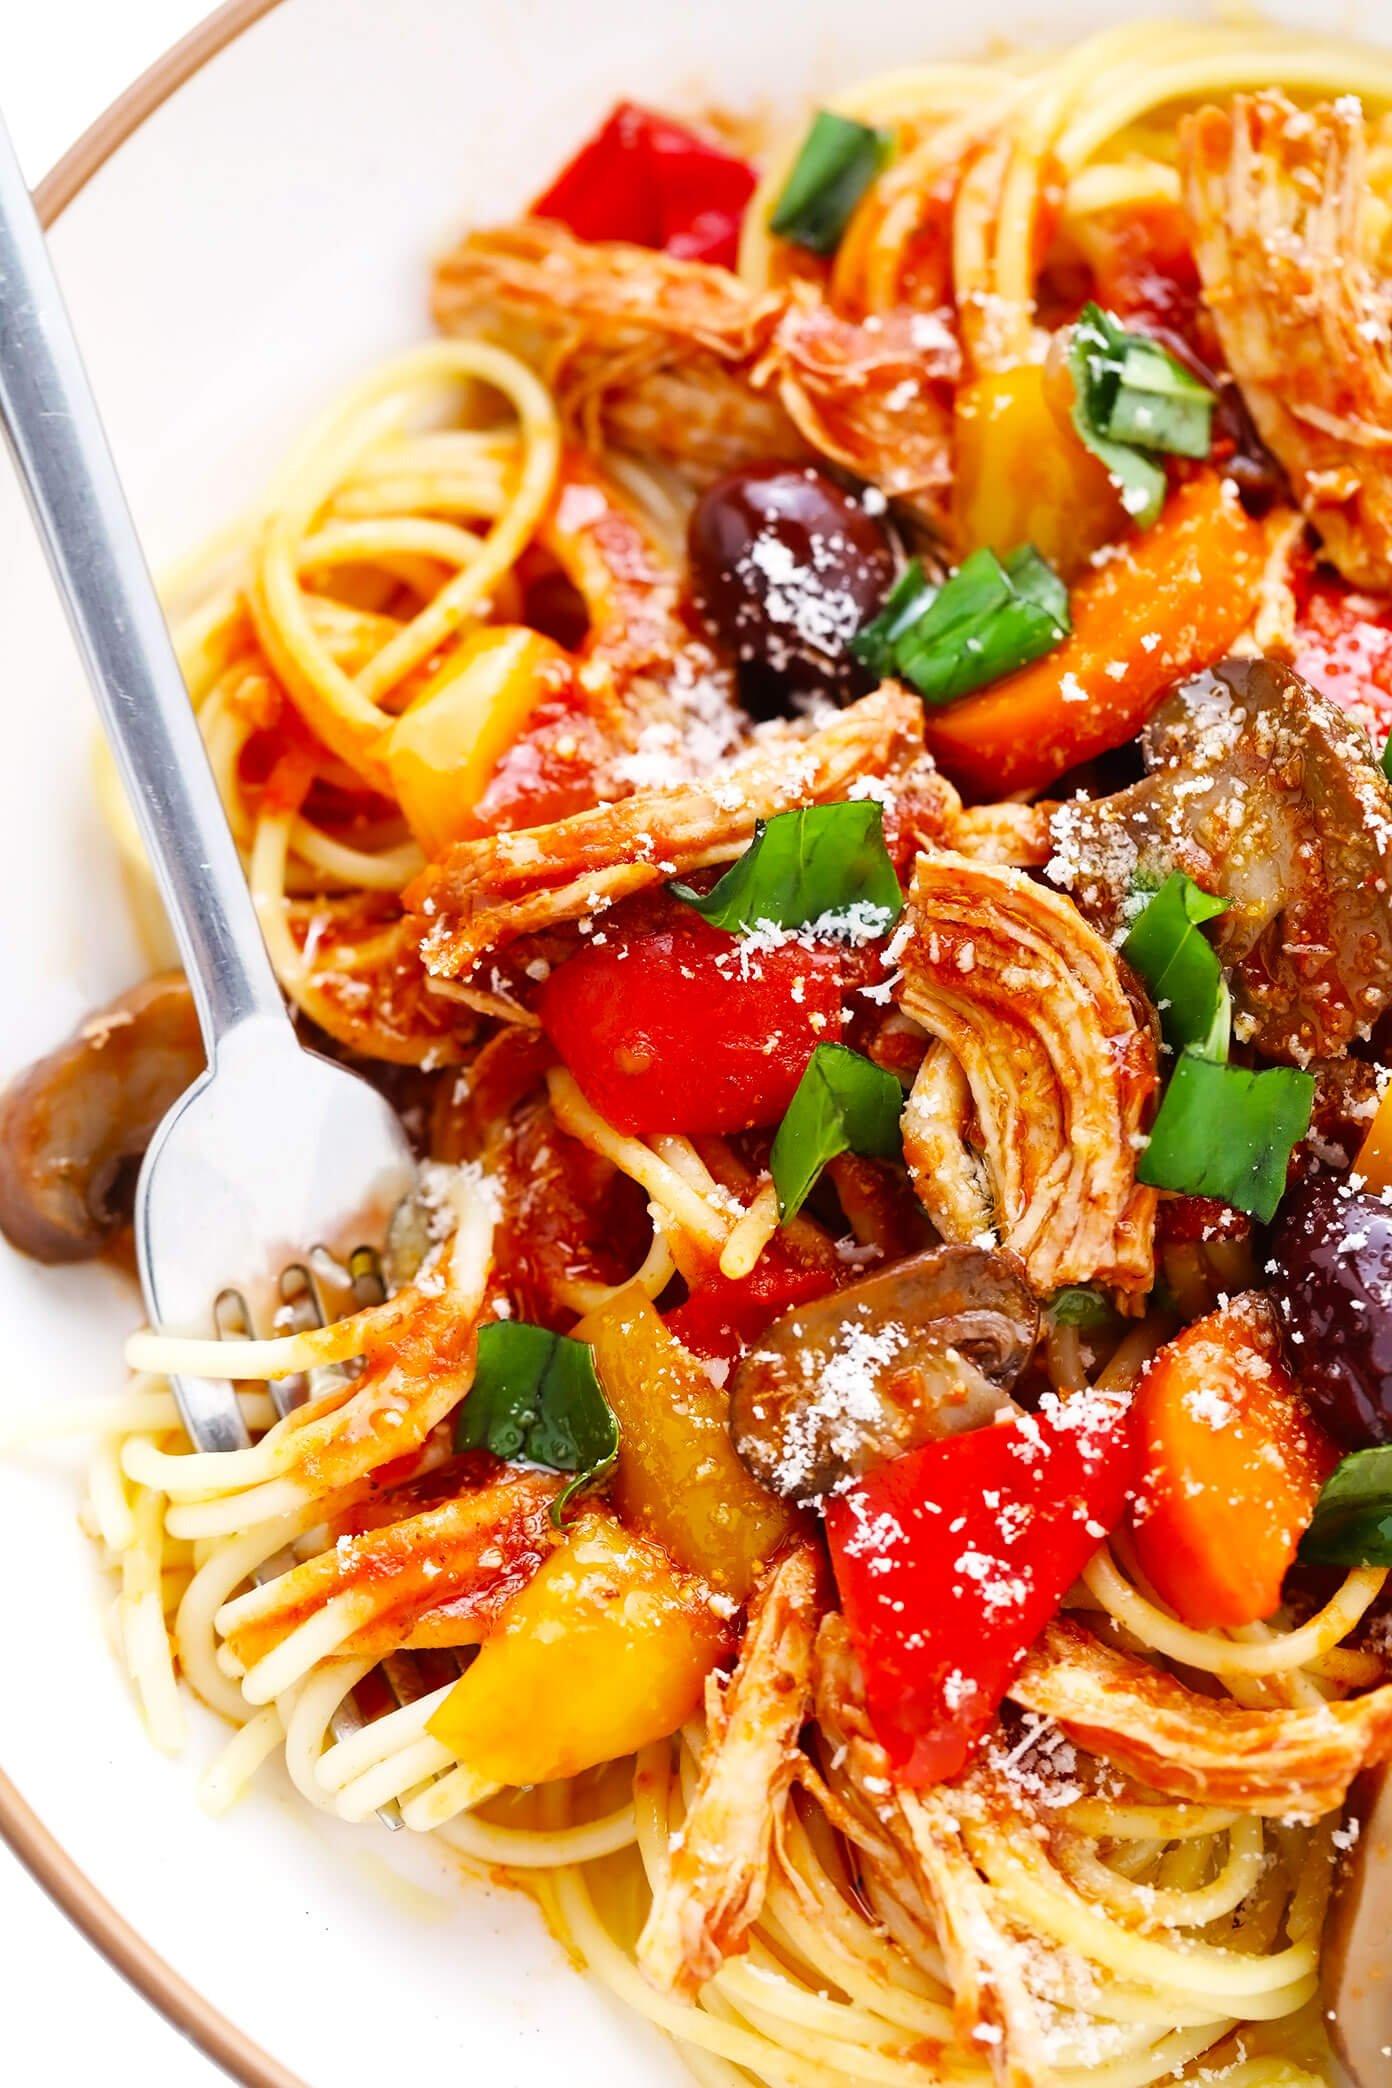 Bowl of Chicken Cacciatore with Spaghetti